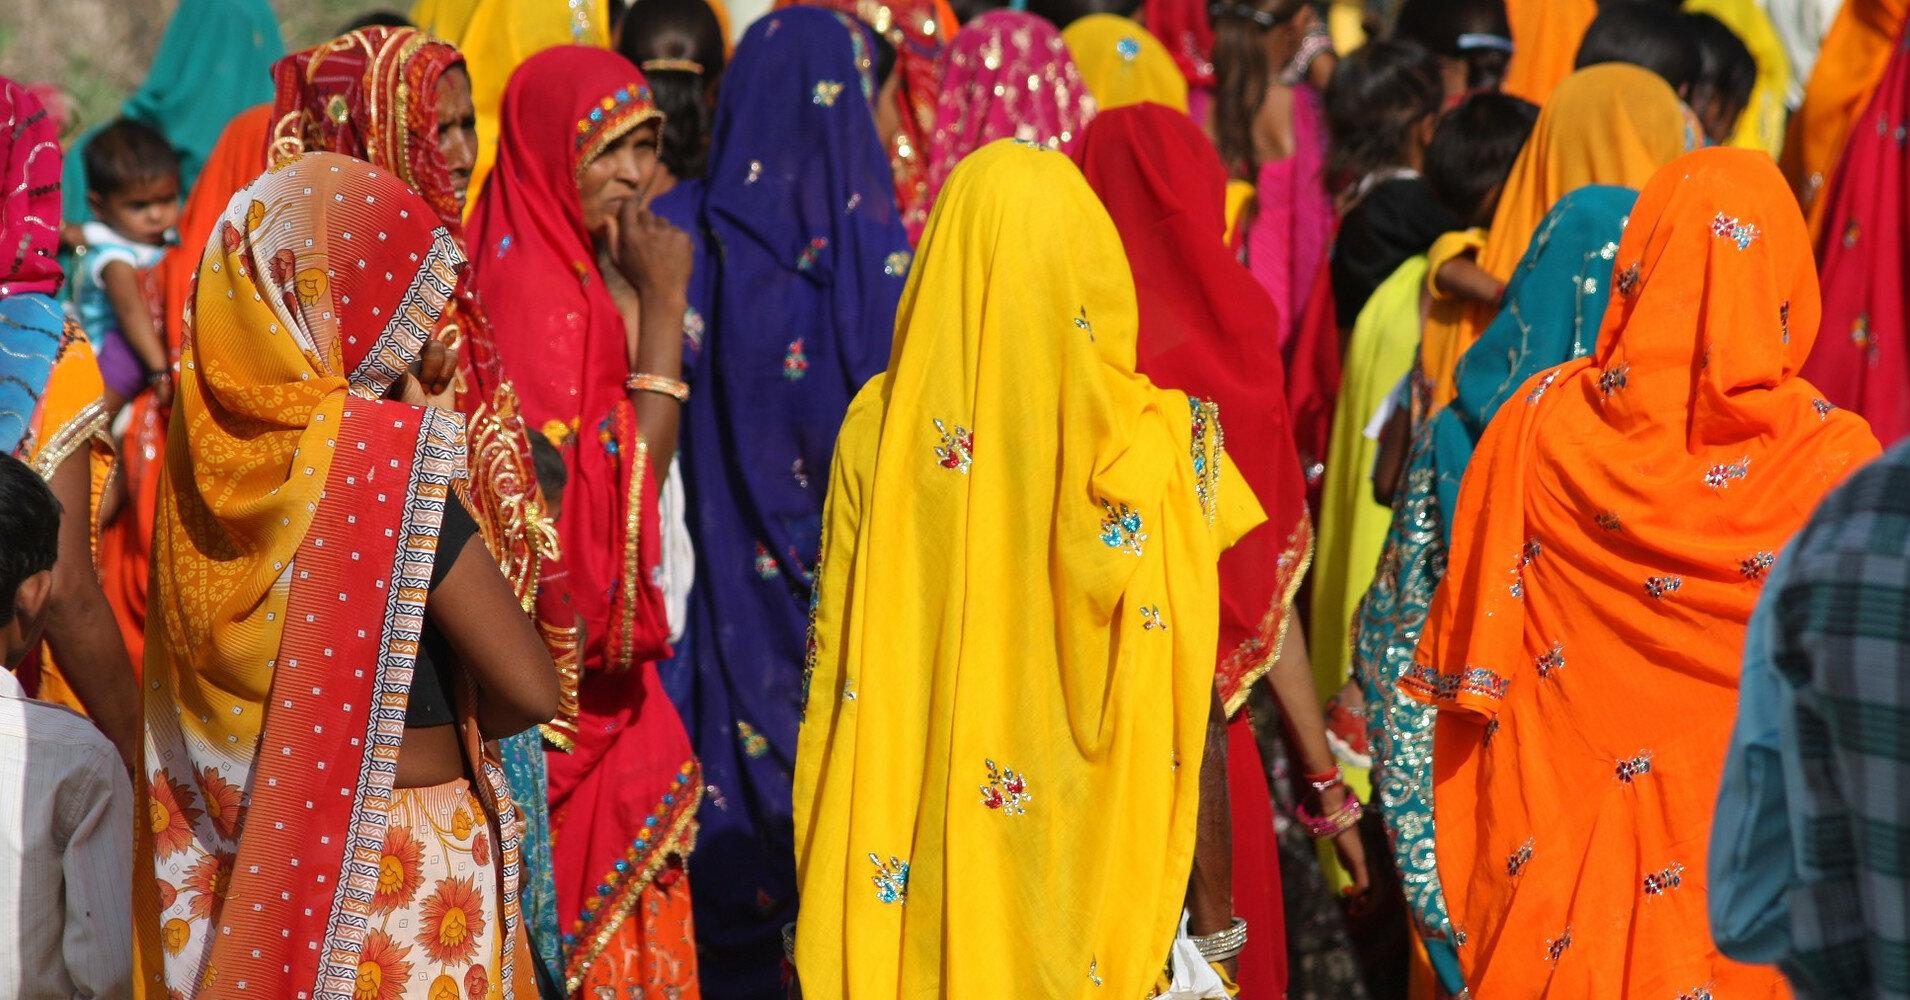 В Индии устроили масштабную распродажу женщин